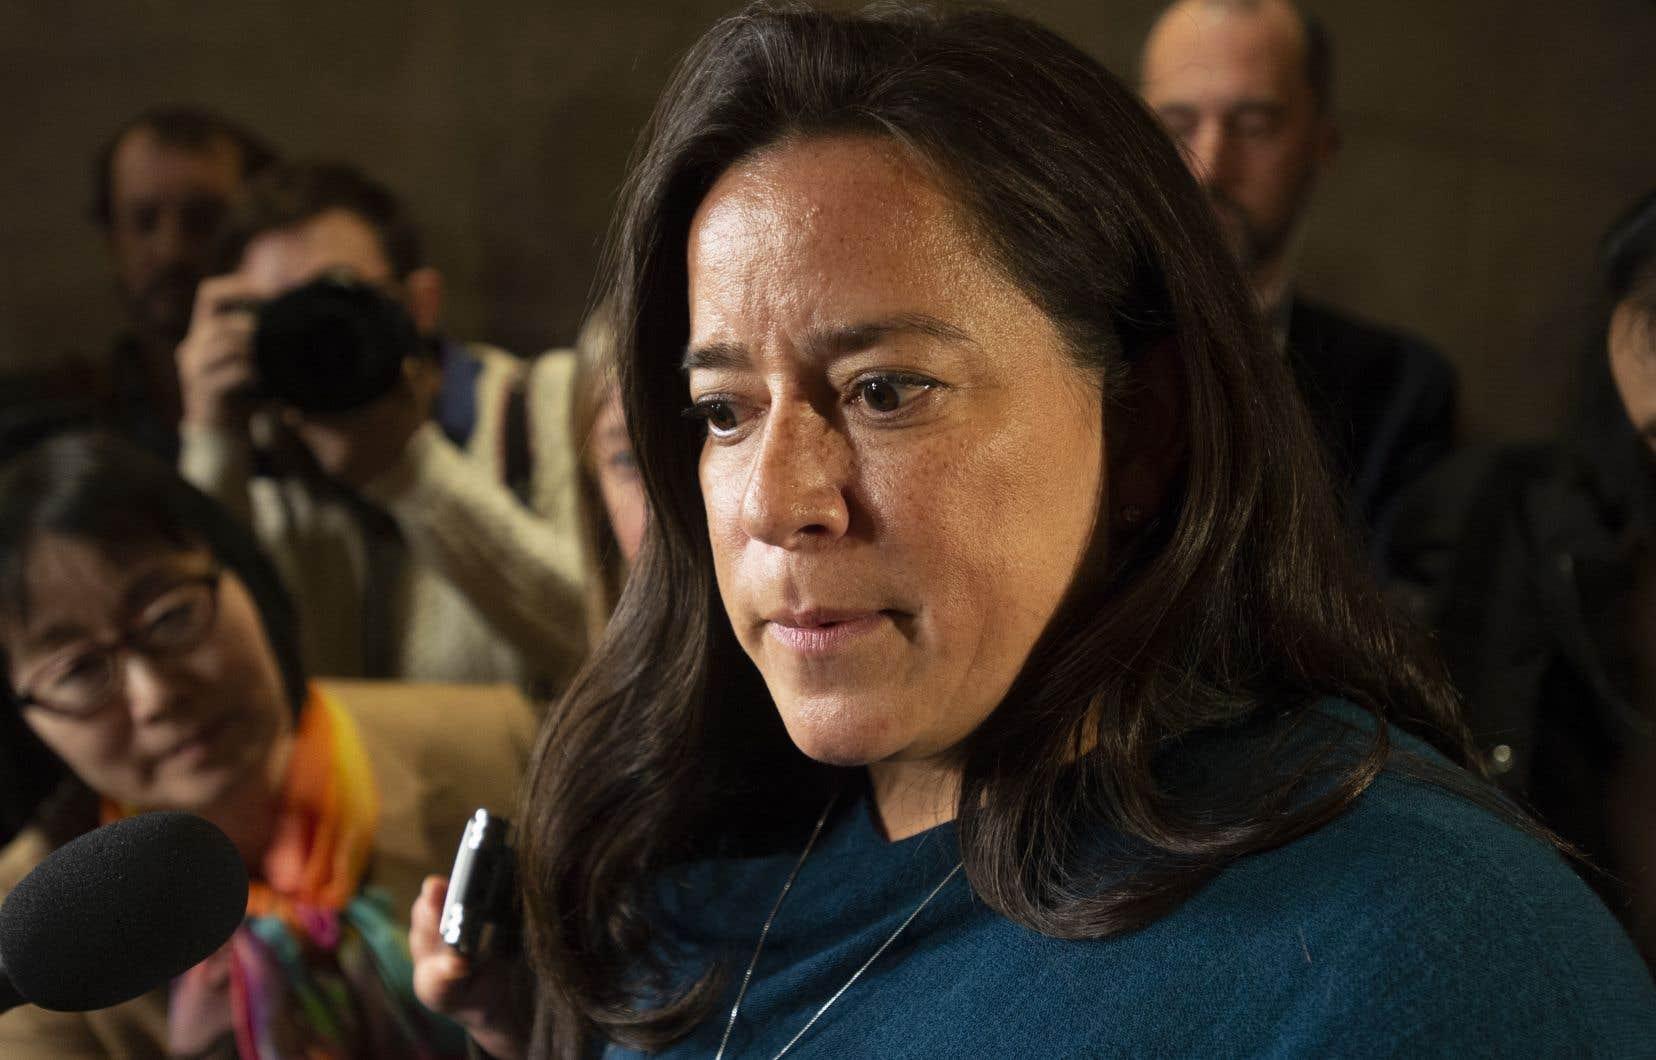 Des sources indiquent que la recommandation de l'ancienne ministre de la Justice avait constitué un épisode de «désaccord important» avec le premier ministre.